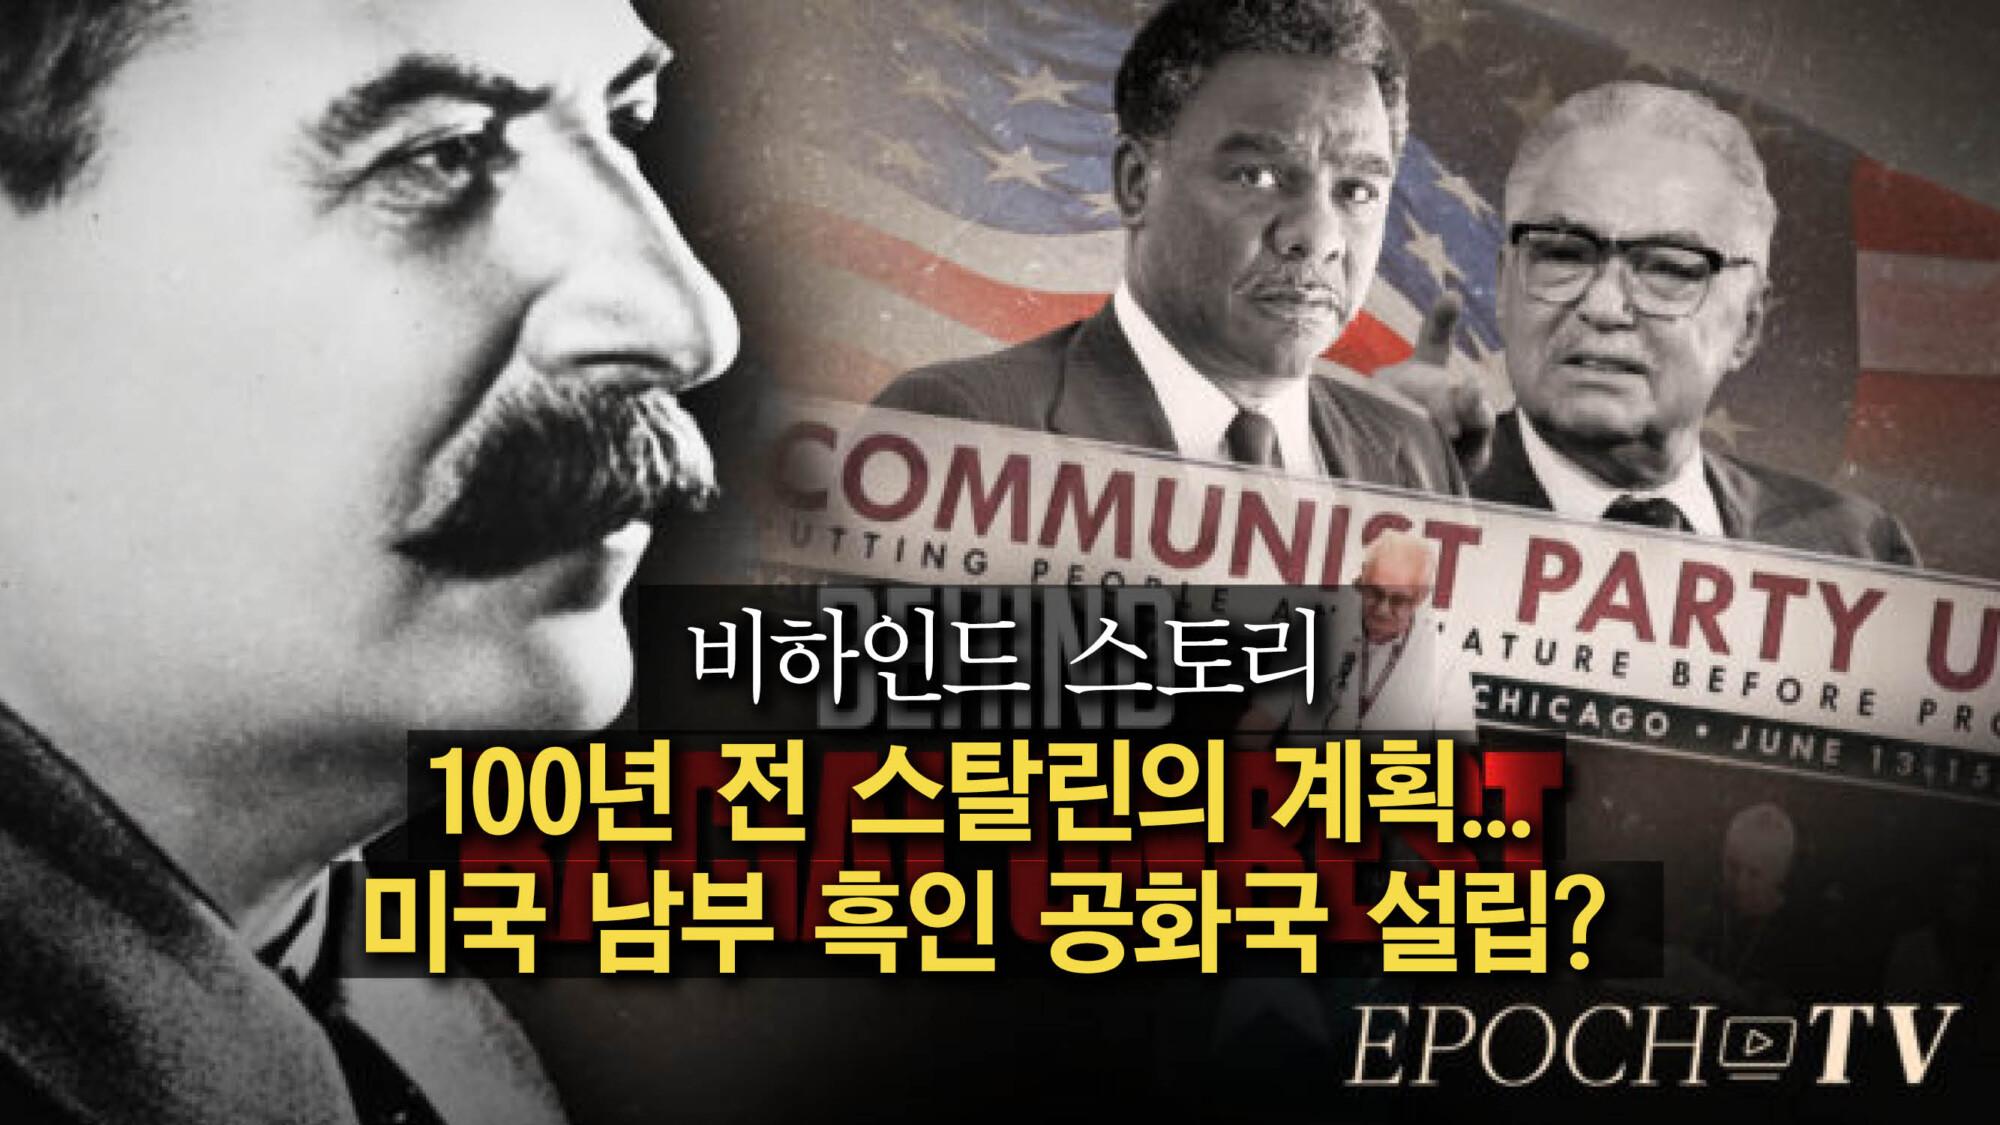 100년 전 스탈린 계획... 美 남부에 흑인 공화국 수립이 목표?